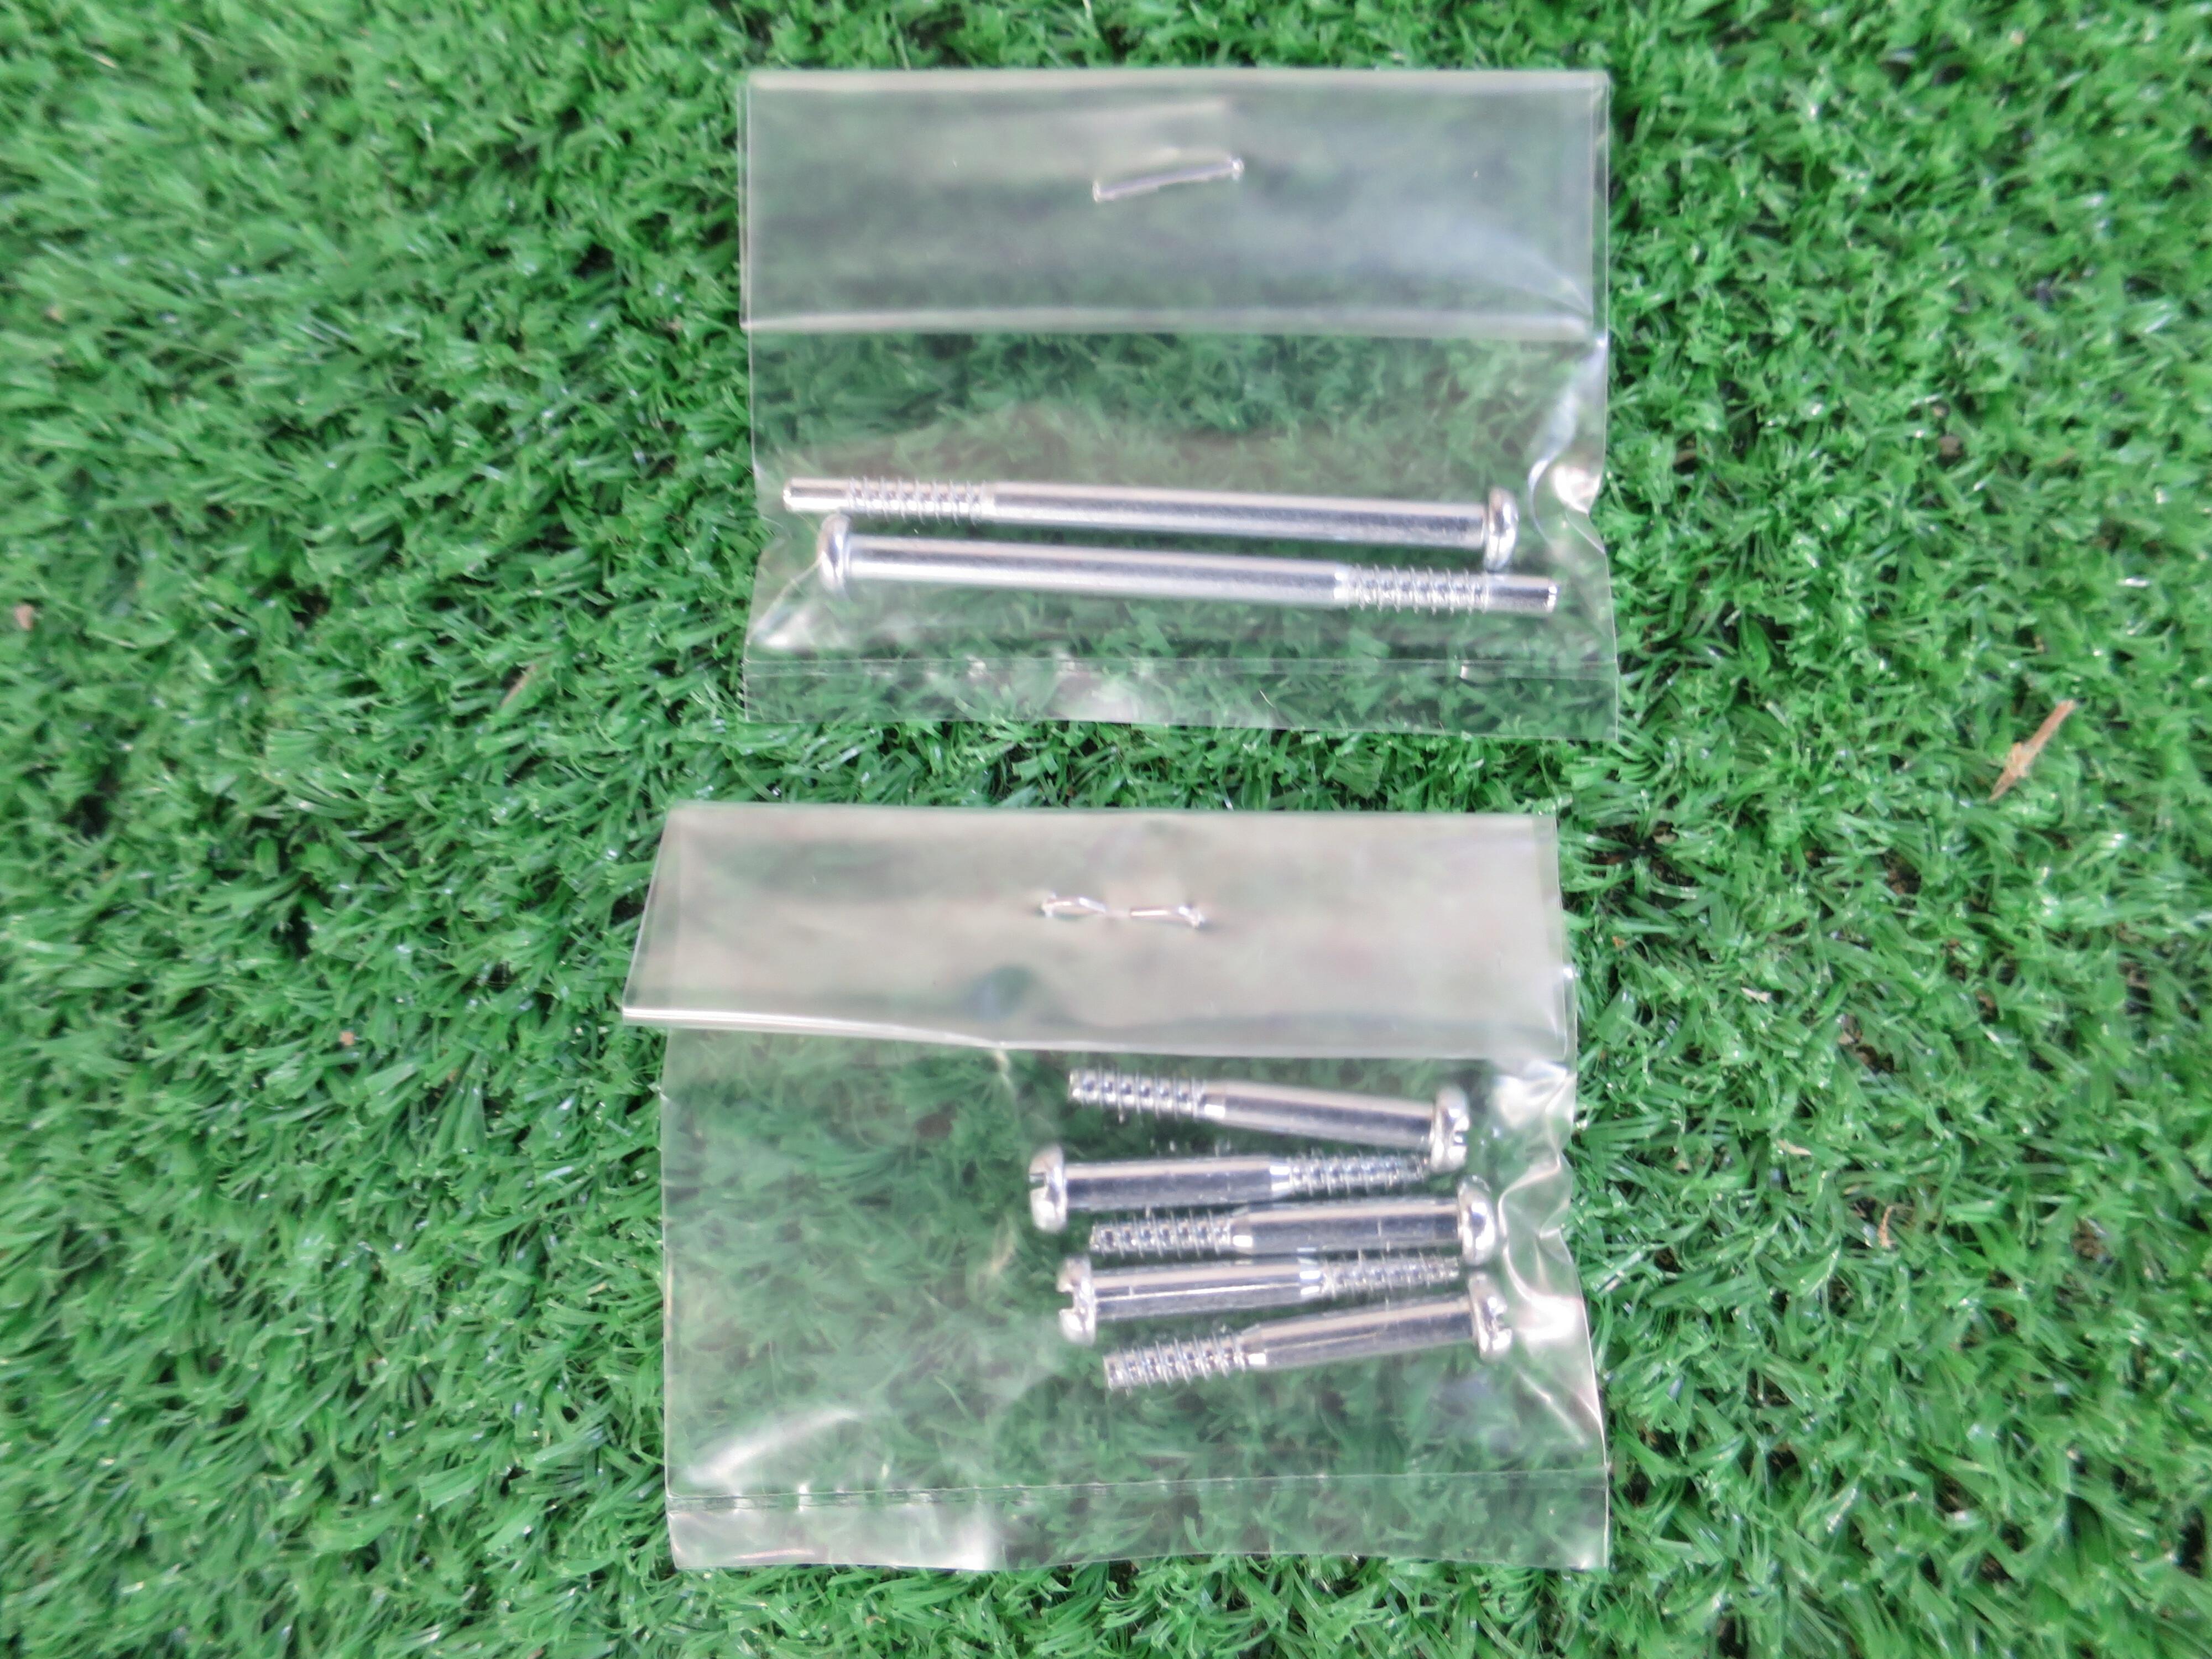 タミヤ WR02(G/CB)GF01等用 バンパー取付ビスセット 3x21mmTP5入+3x43mmTP2入セット